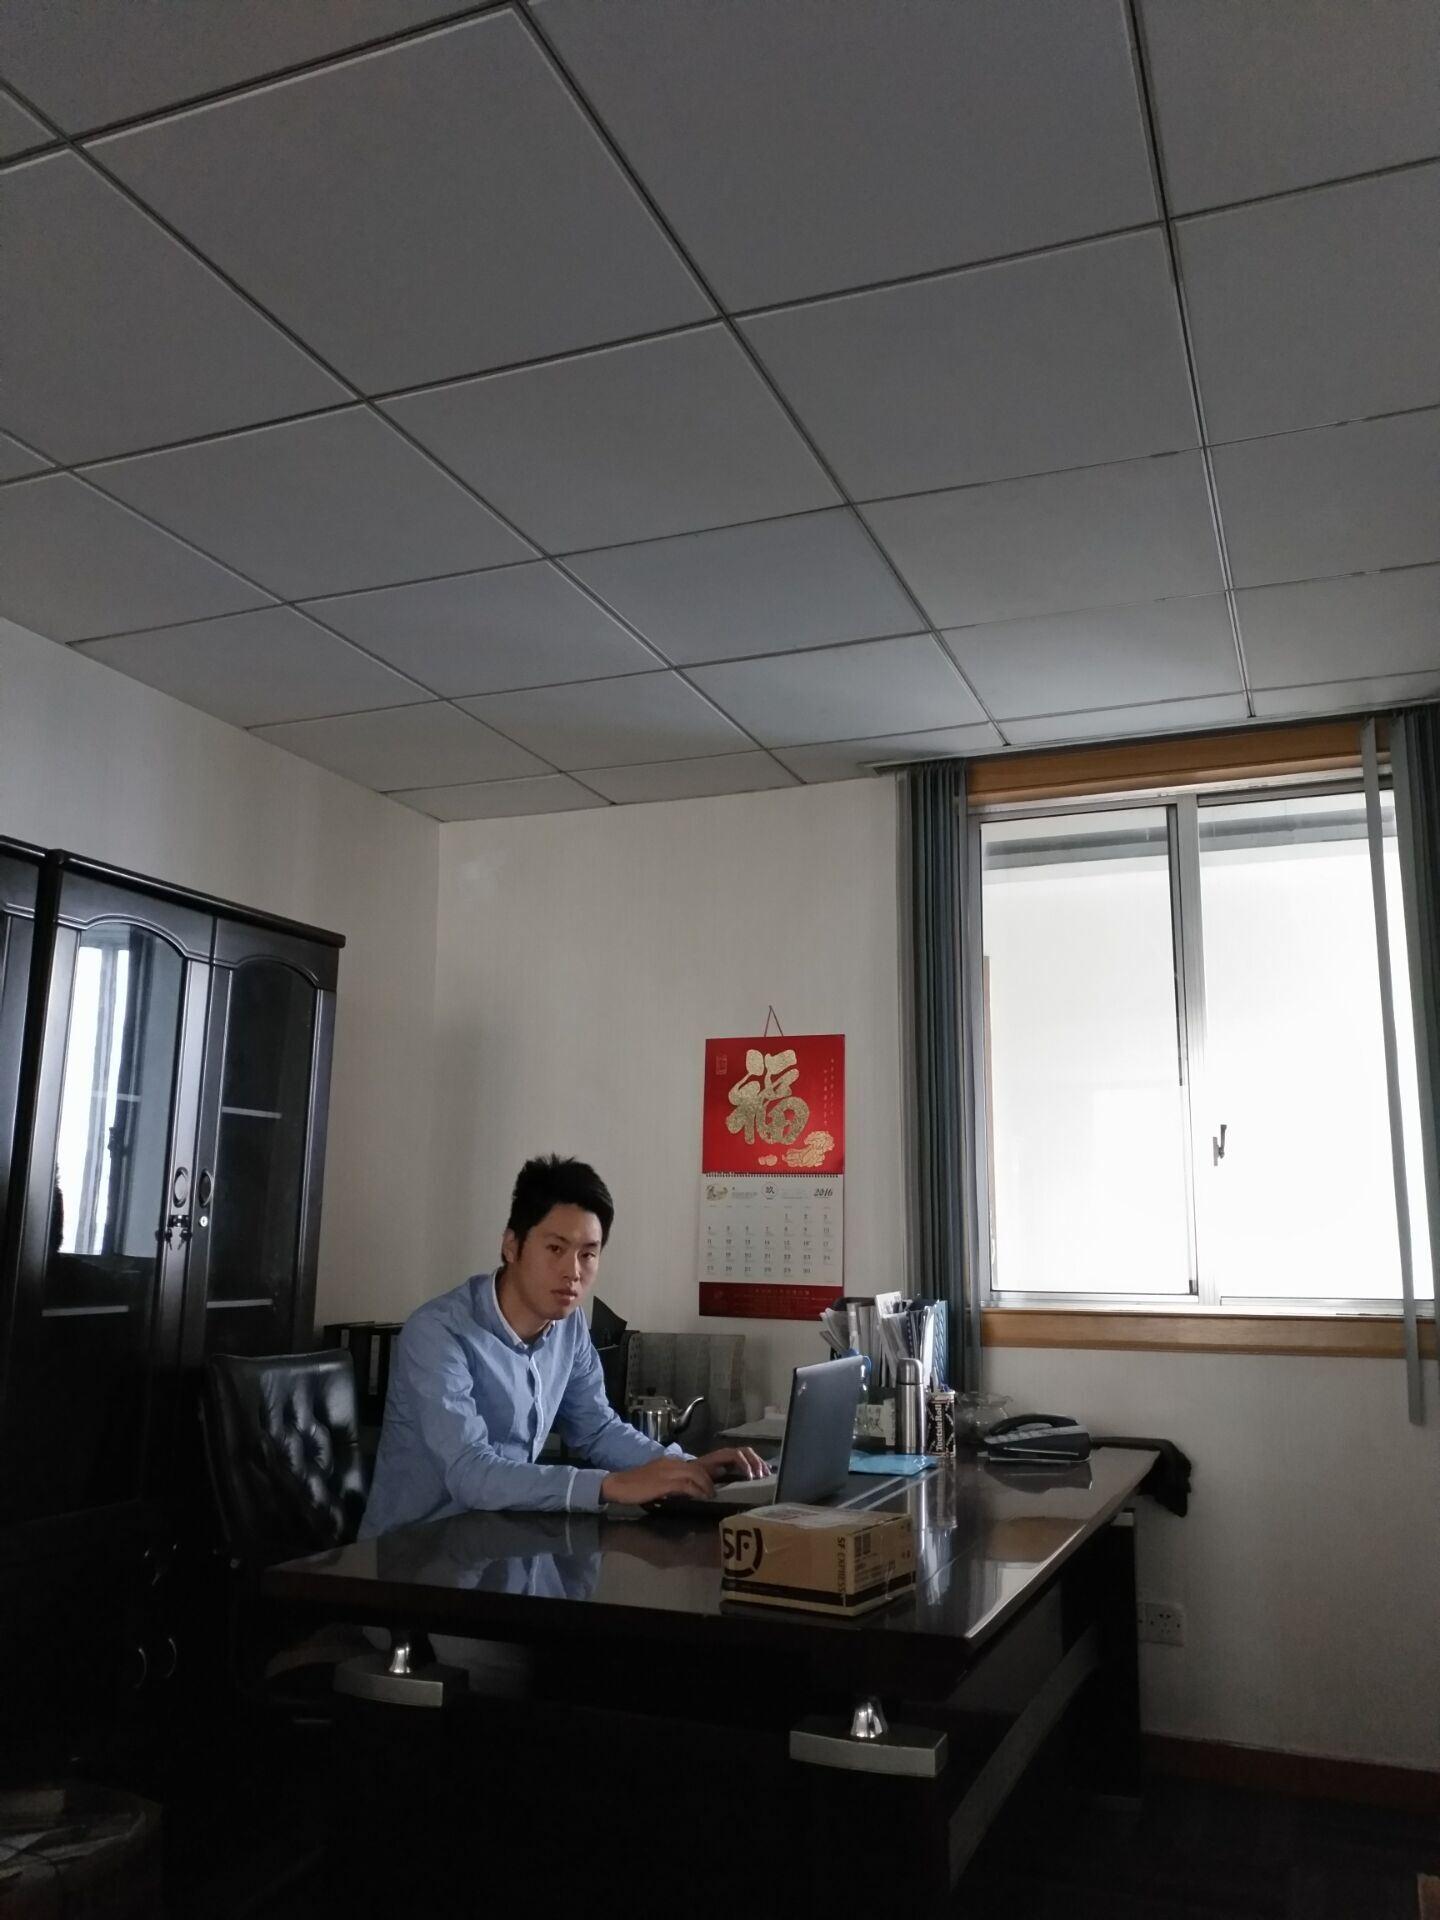 惠州到邵阳物流专线(广州亿讯城运物流有限公司惠州业务部)